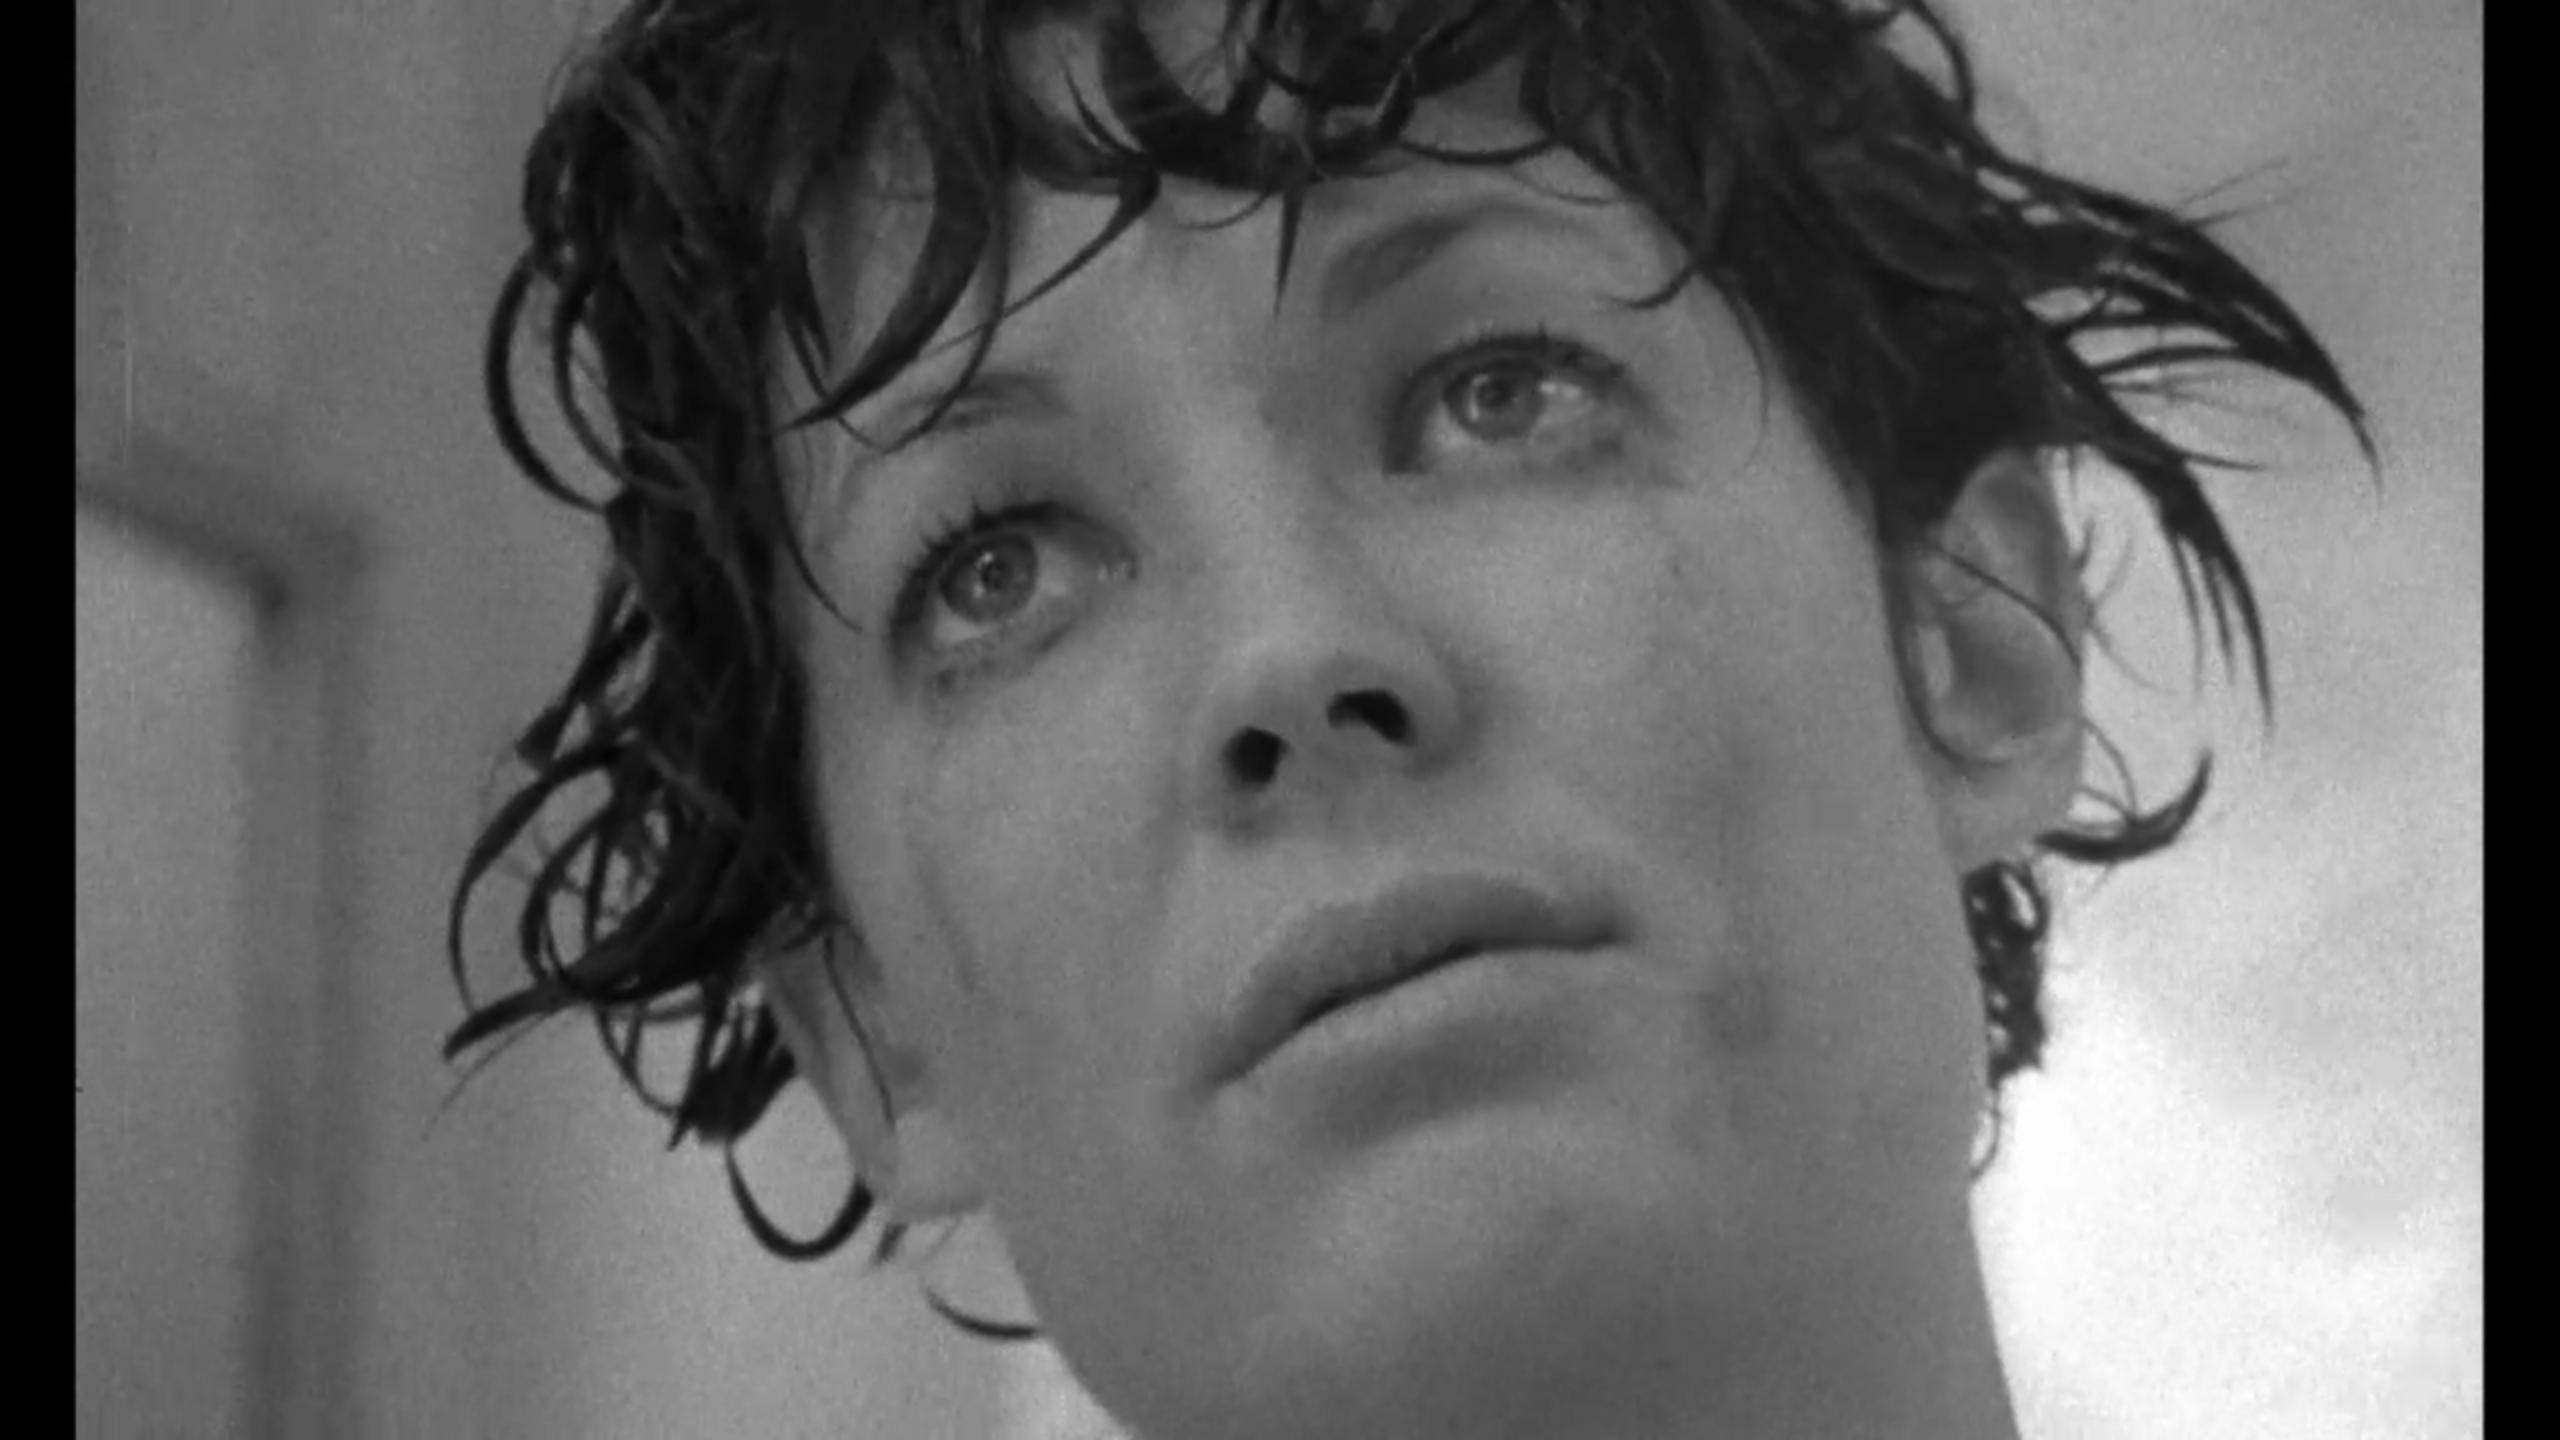 Anna Wood (actress) images